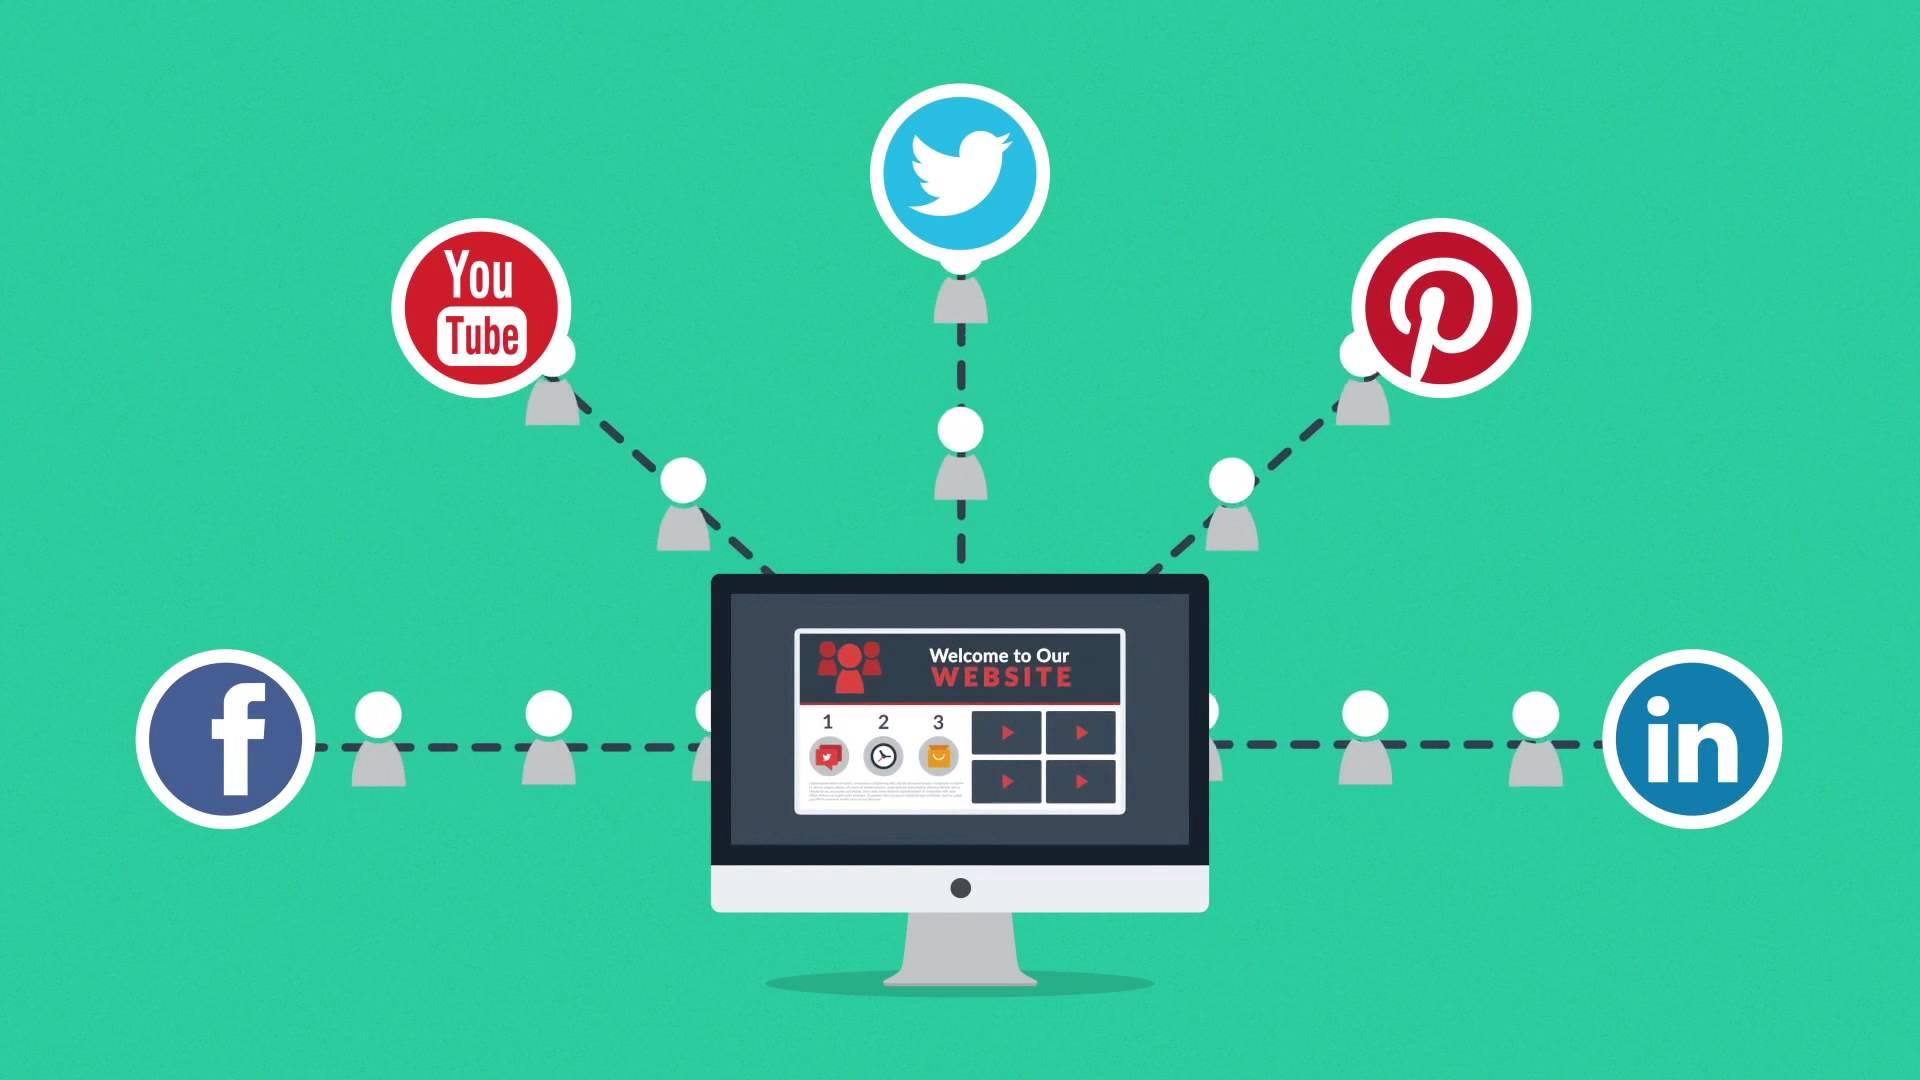 Tối ưu hóa hiện diện trực tuyến bằng cách kết hợp sức mạnh của trang web và mạng xã hội